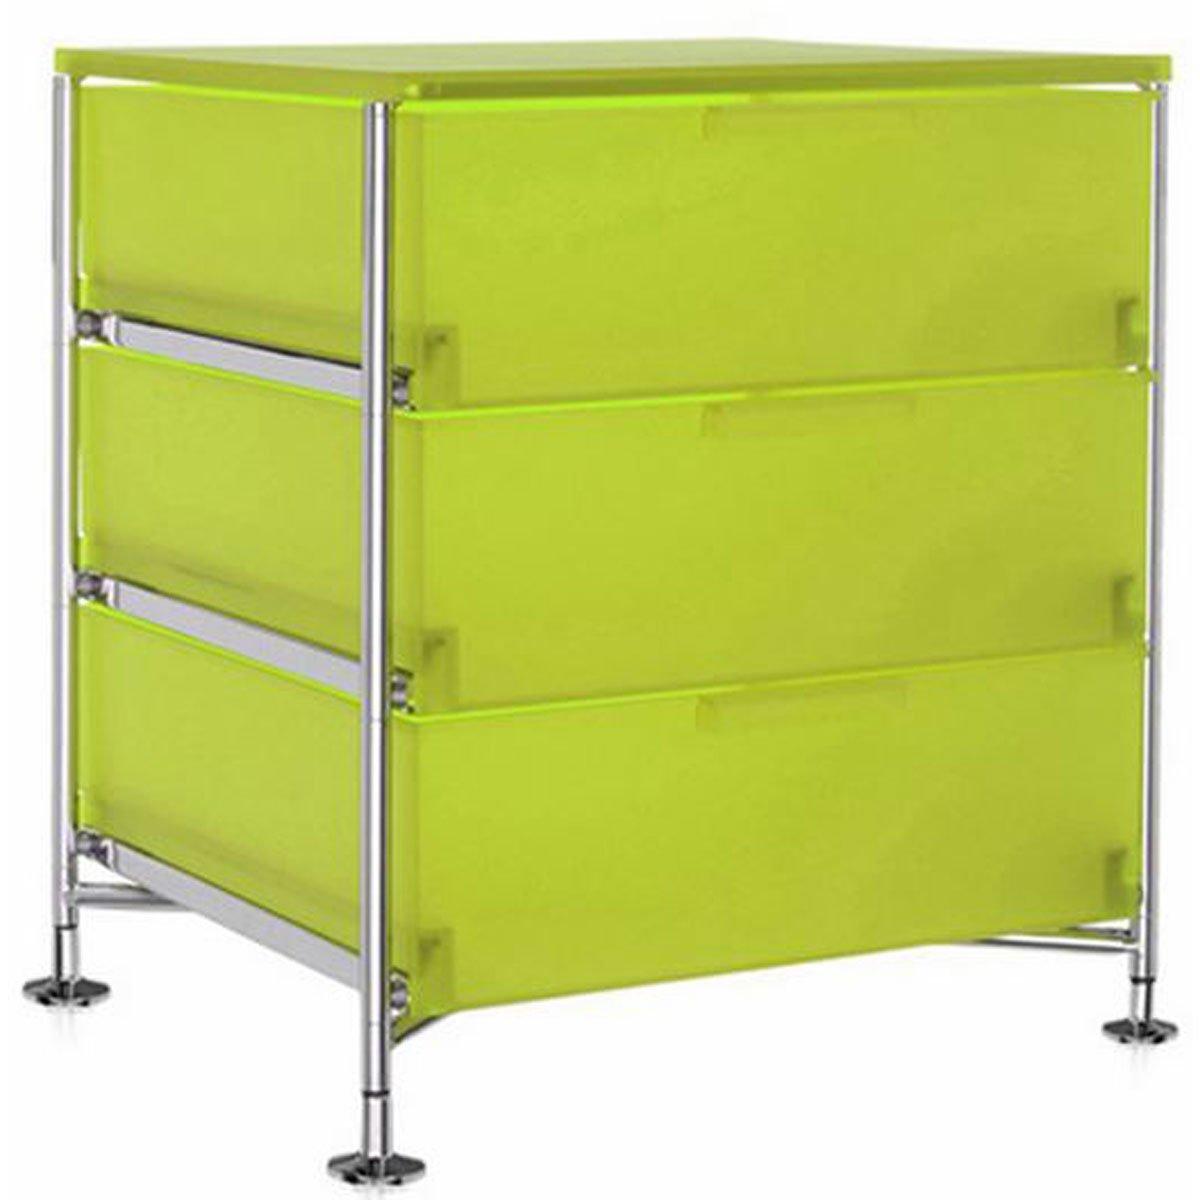 Kartell 2330L3 Container Mobil, 3 Schubladen, zitronengelb